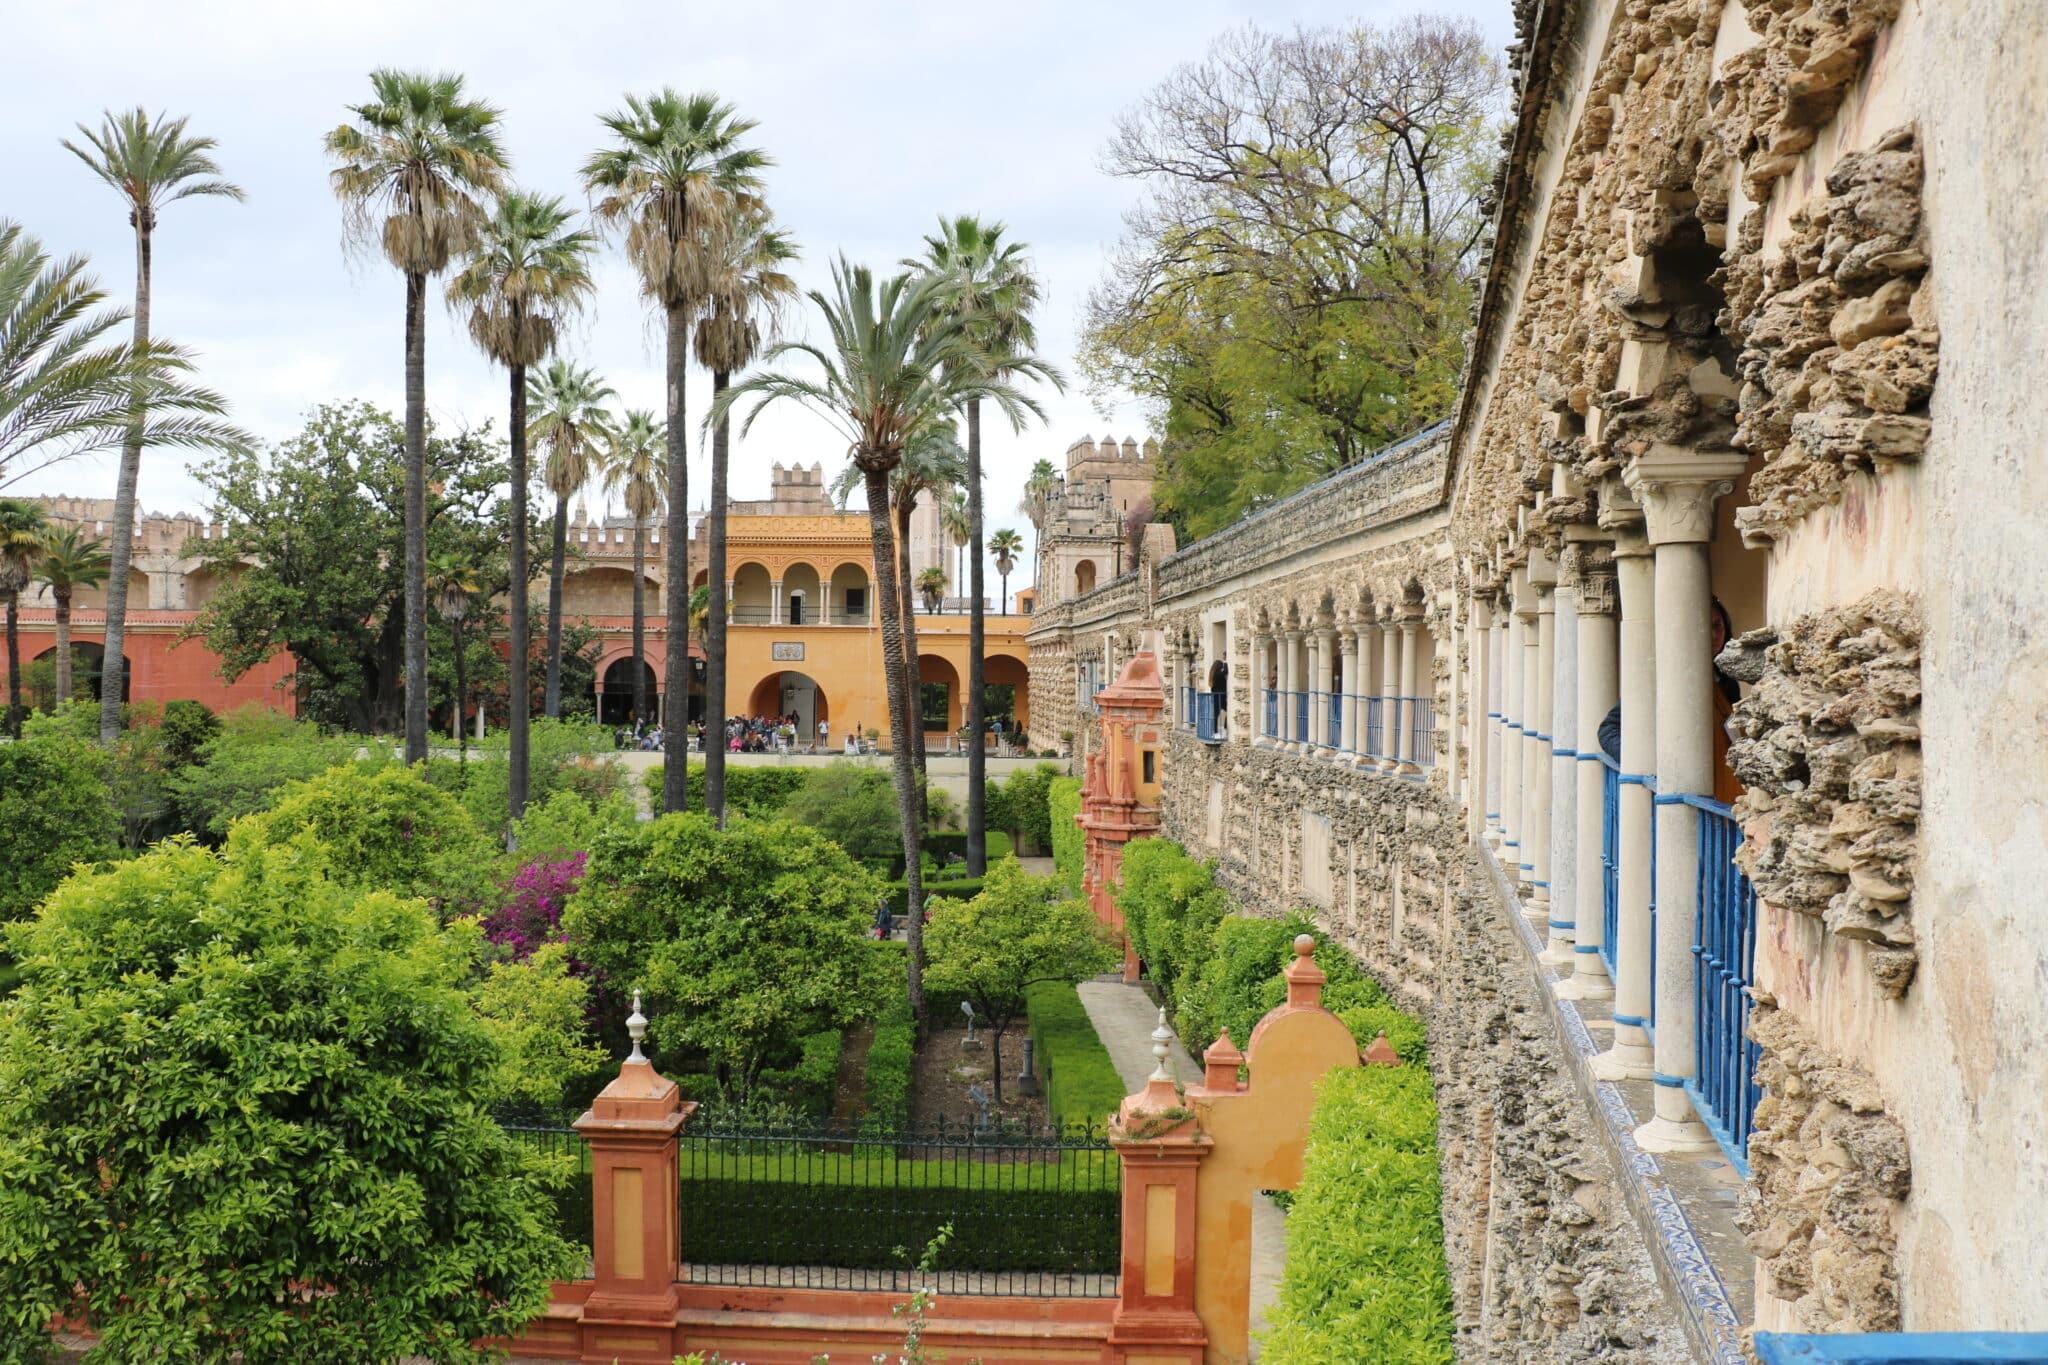 Het paleis in Sevilla